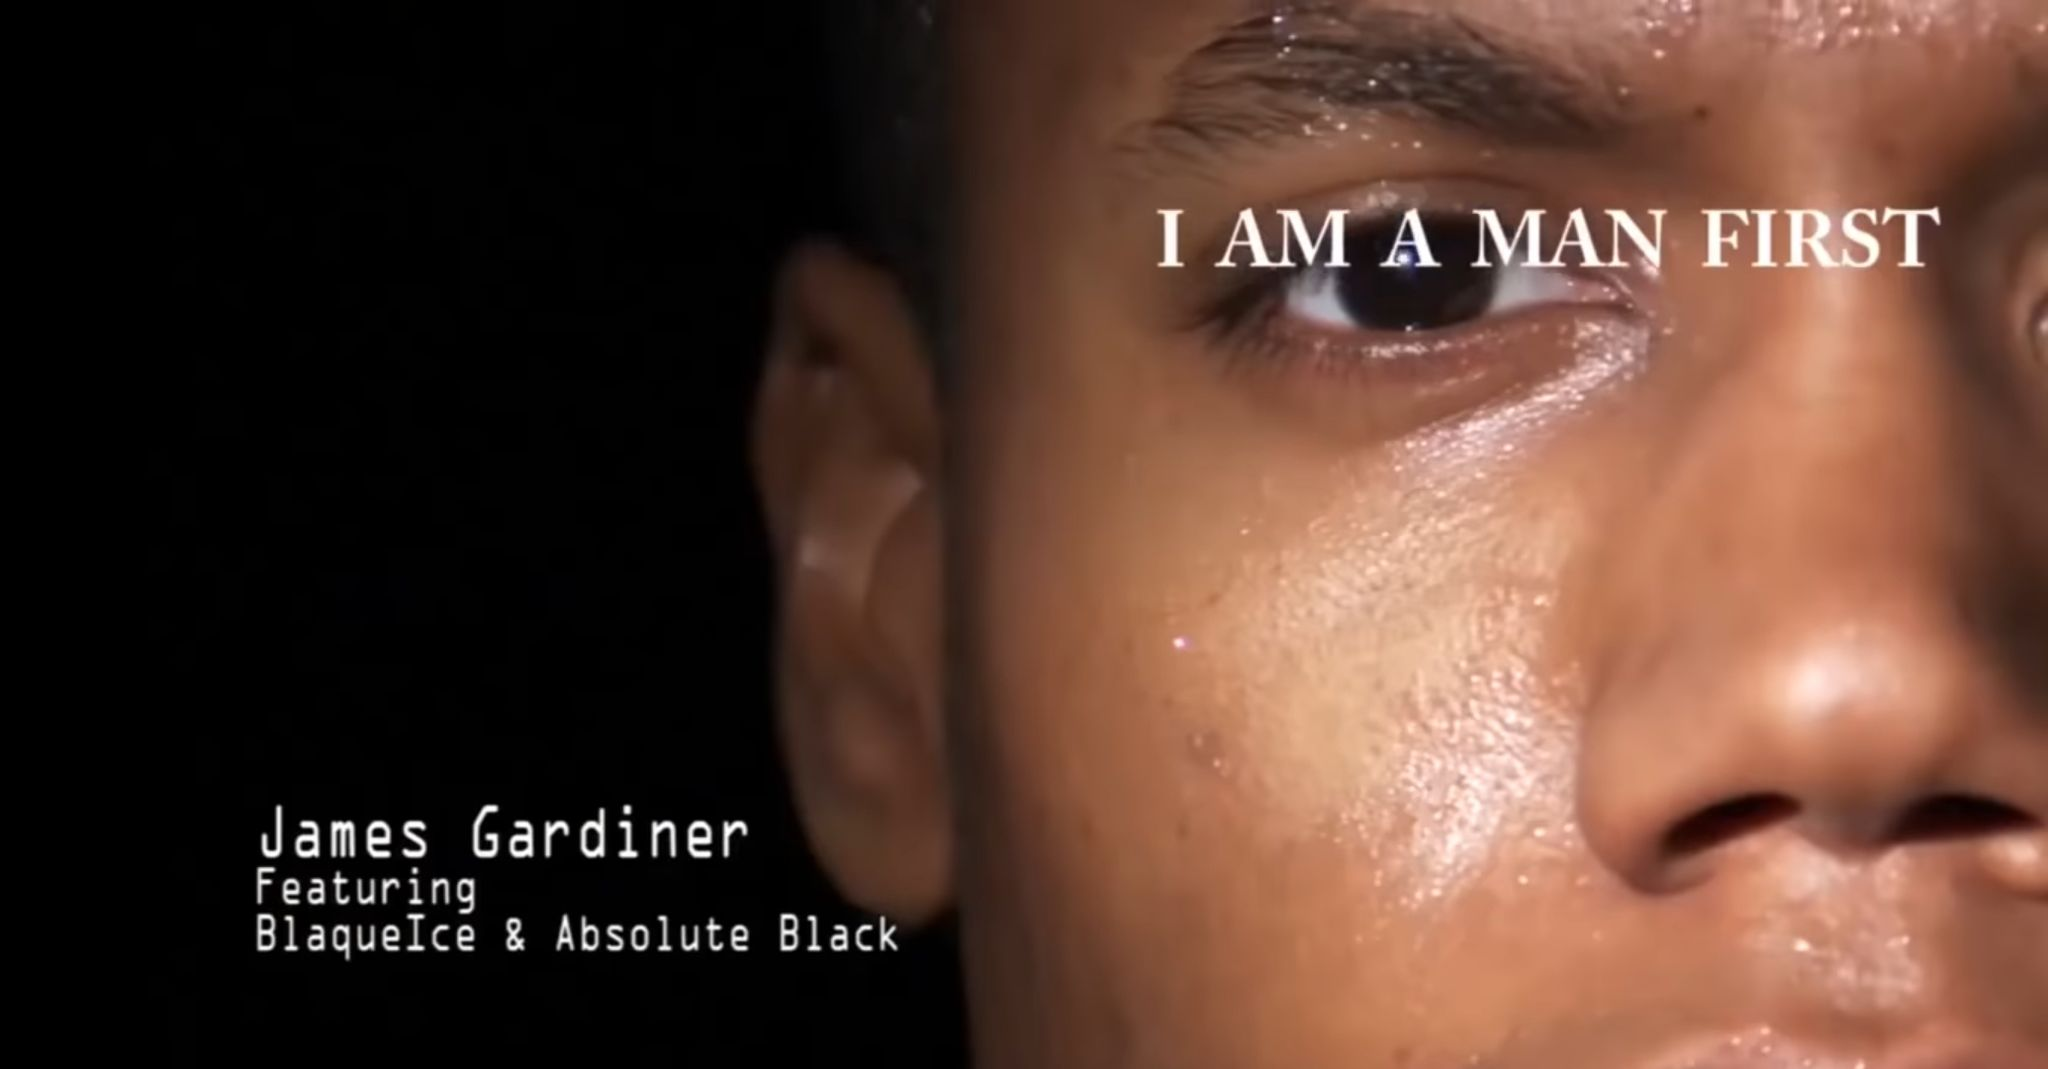 I Am A Man First - Music Video